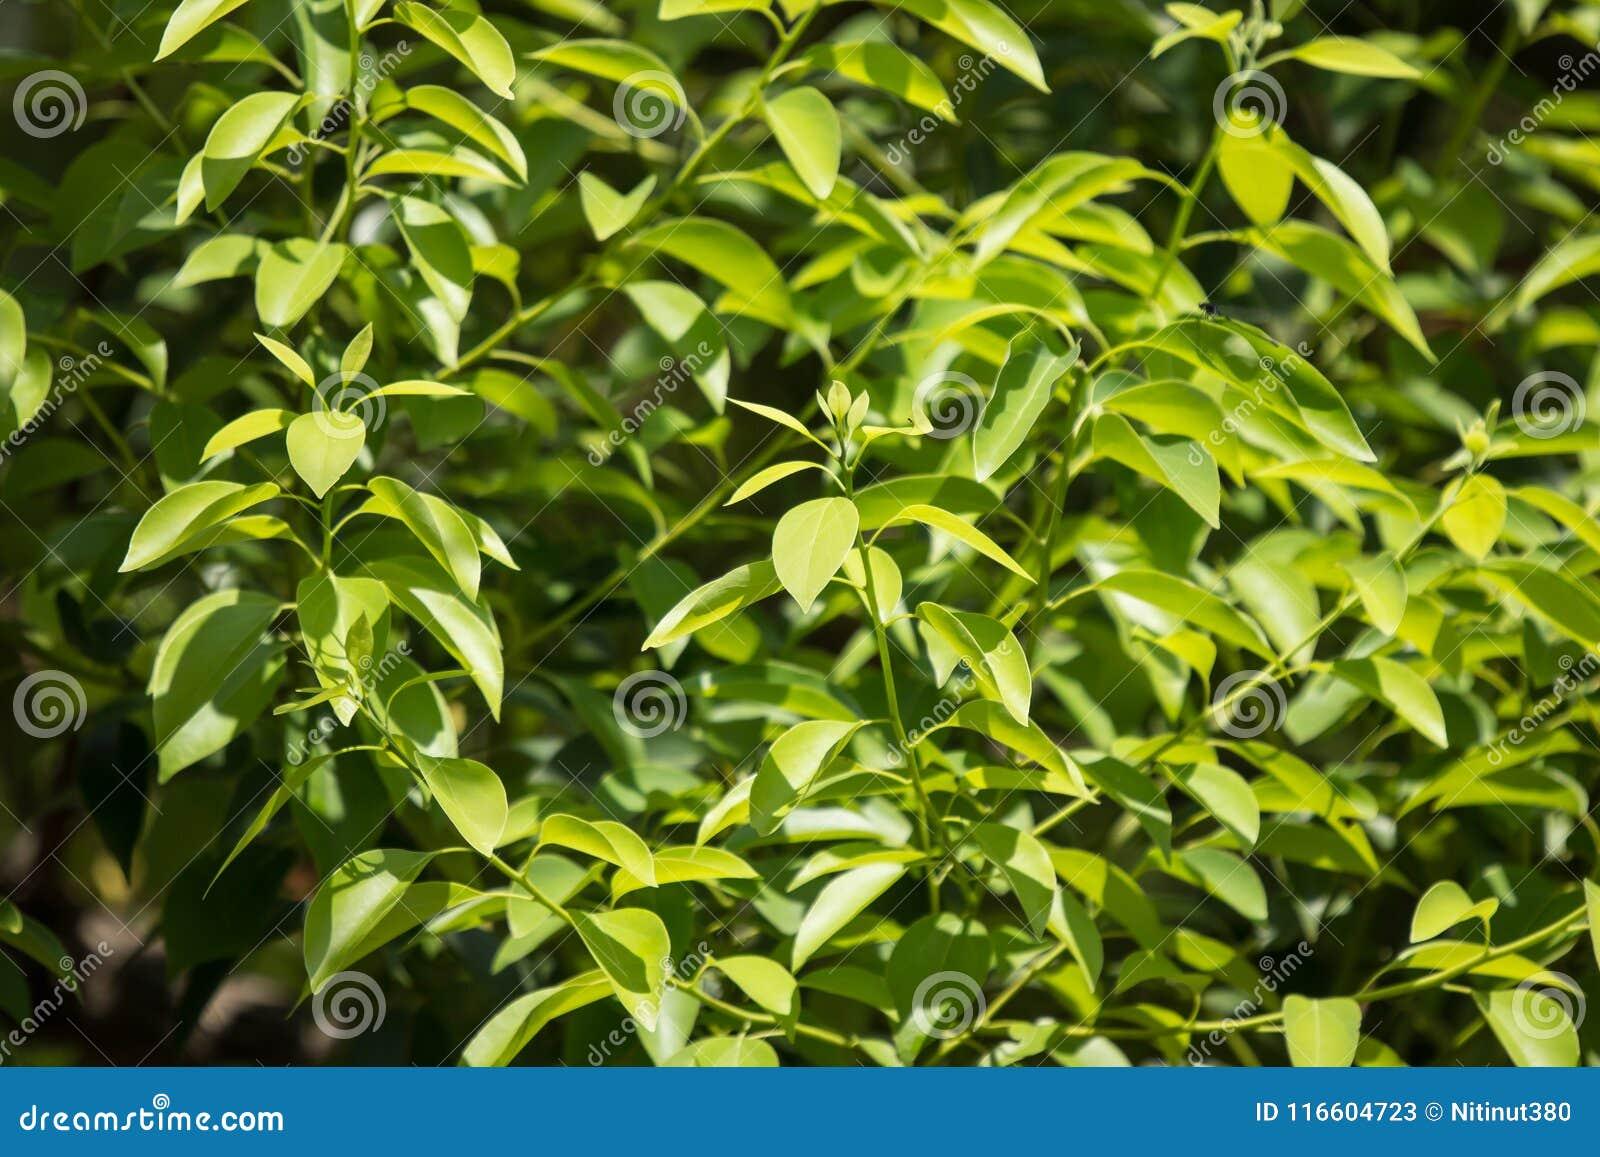 Giovane foglia dell albero di cinnamomum camphora